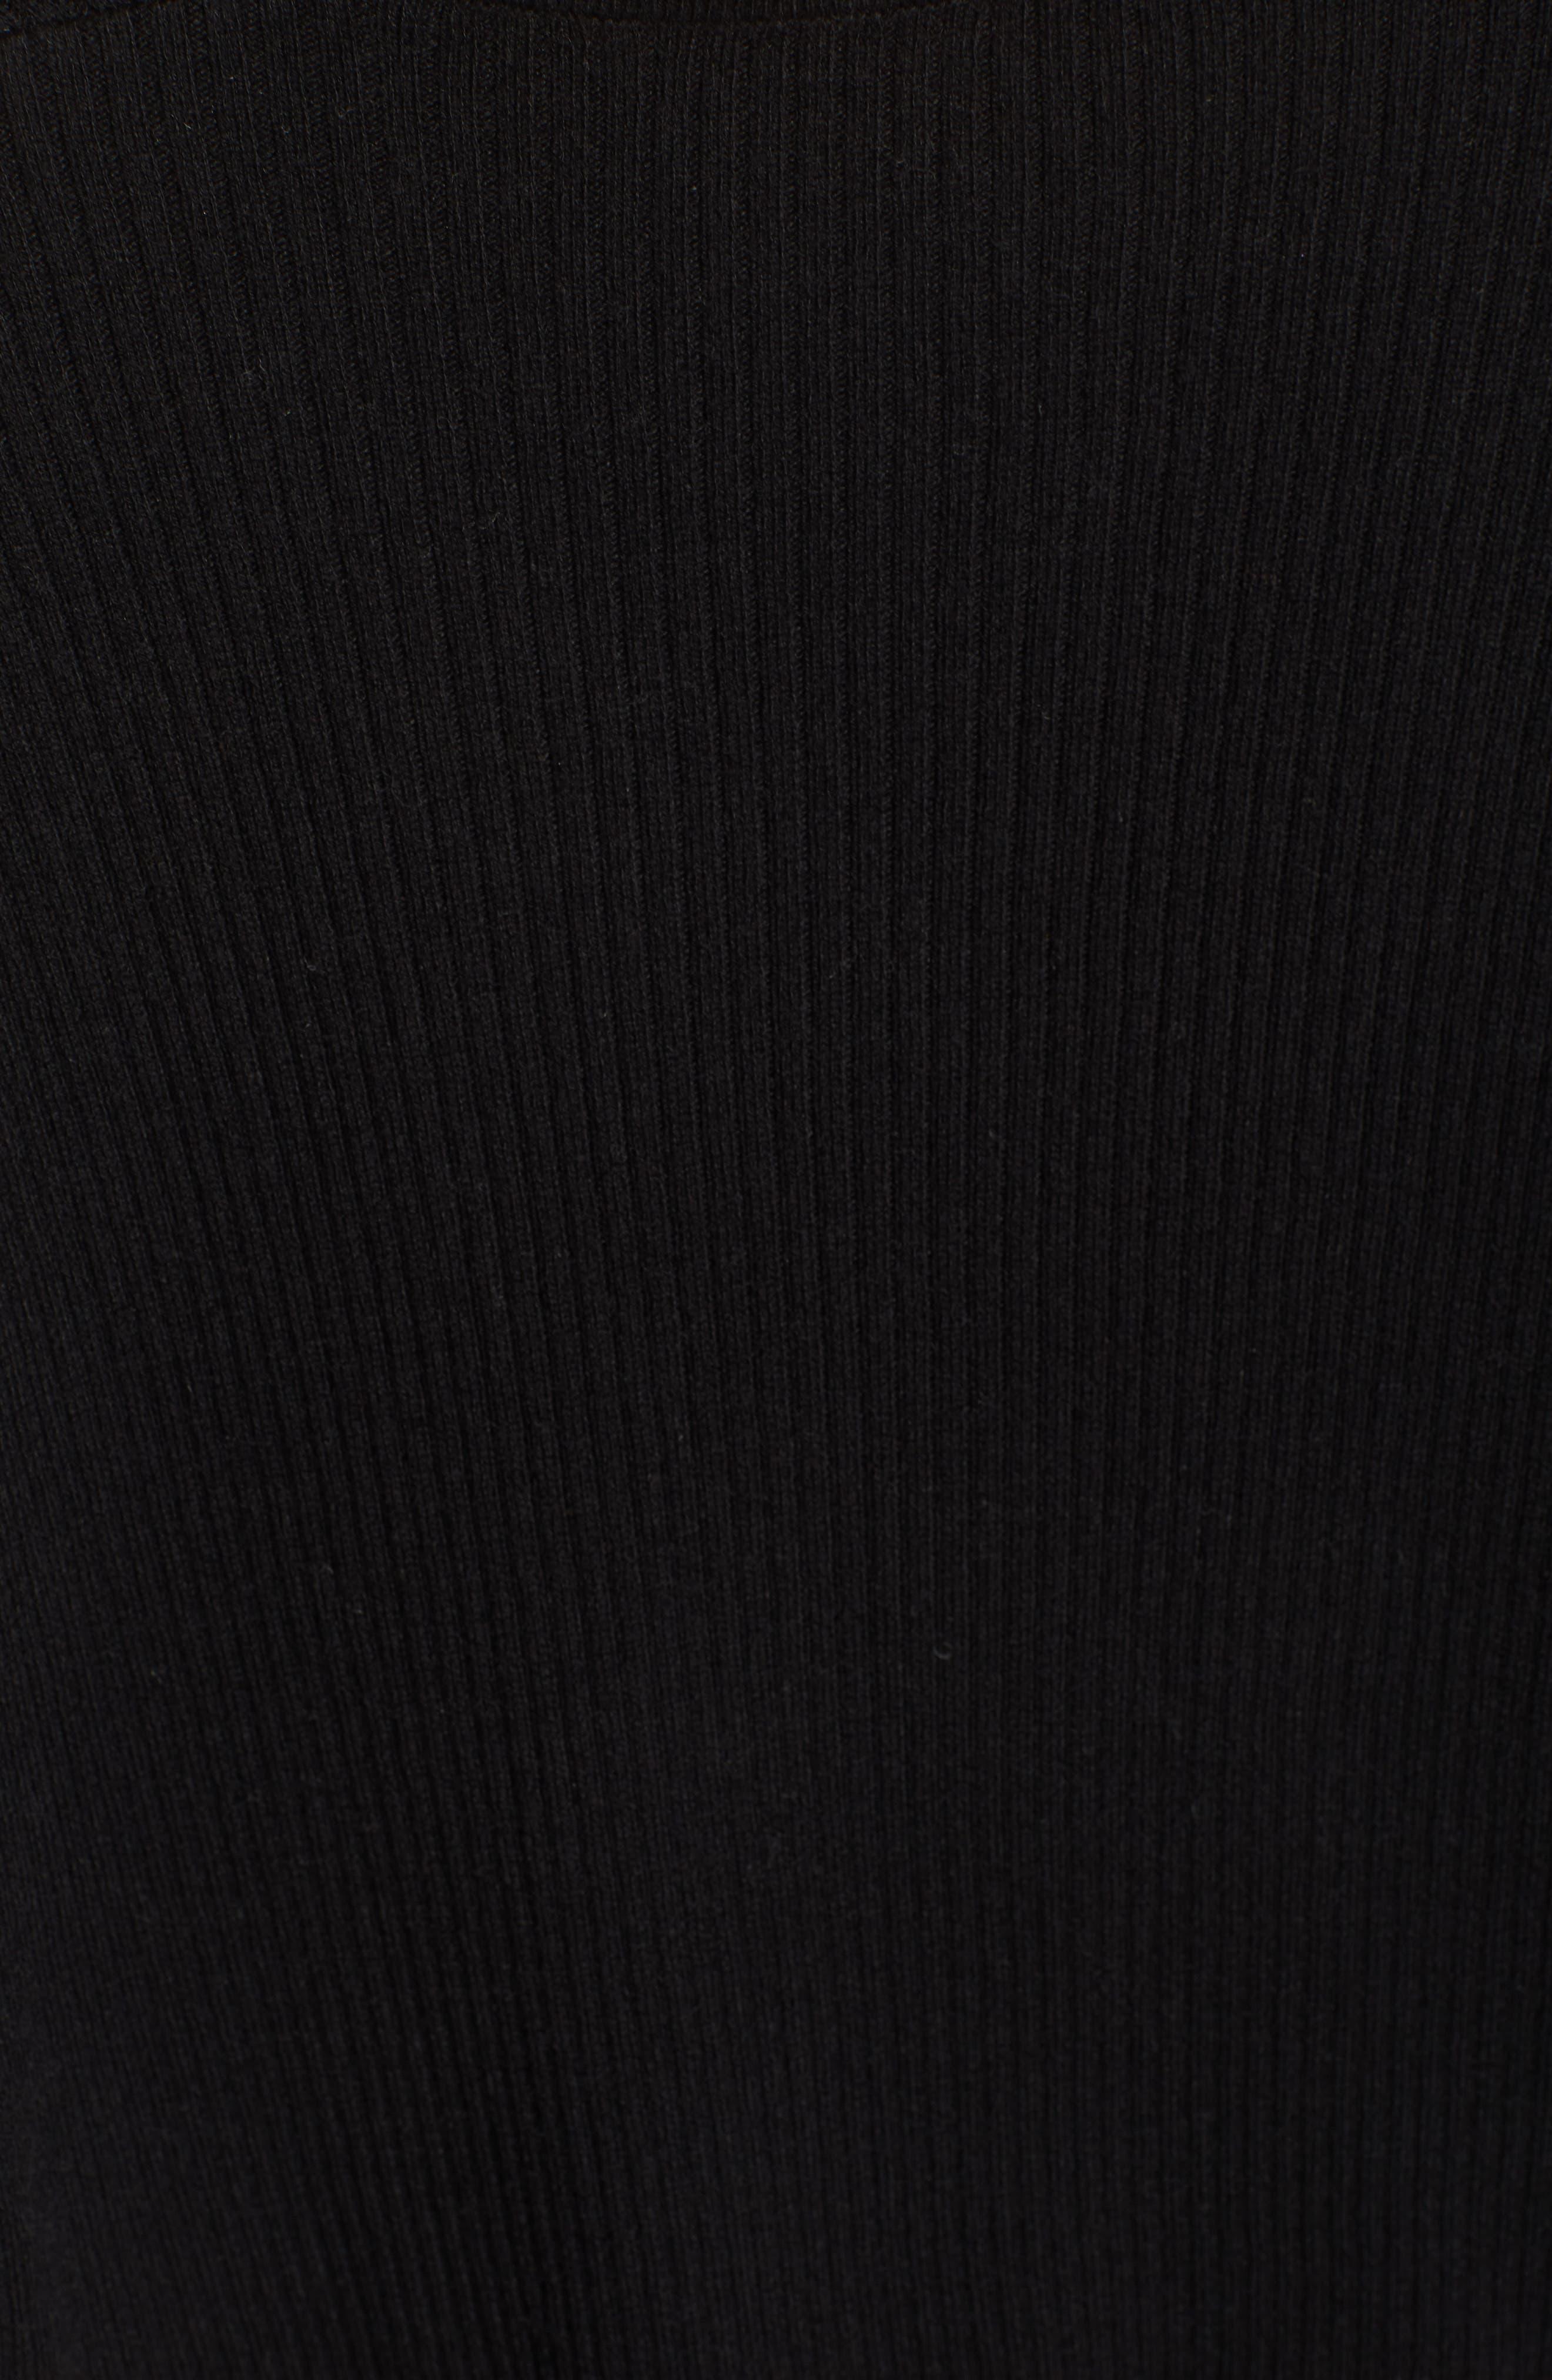 Rib Wrap Sweater,                             Alternate thumbnail 6, color,                             Black